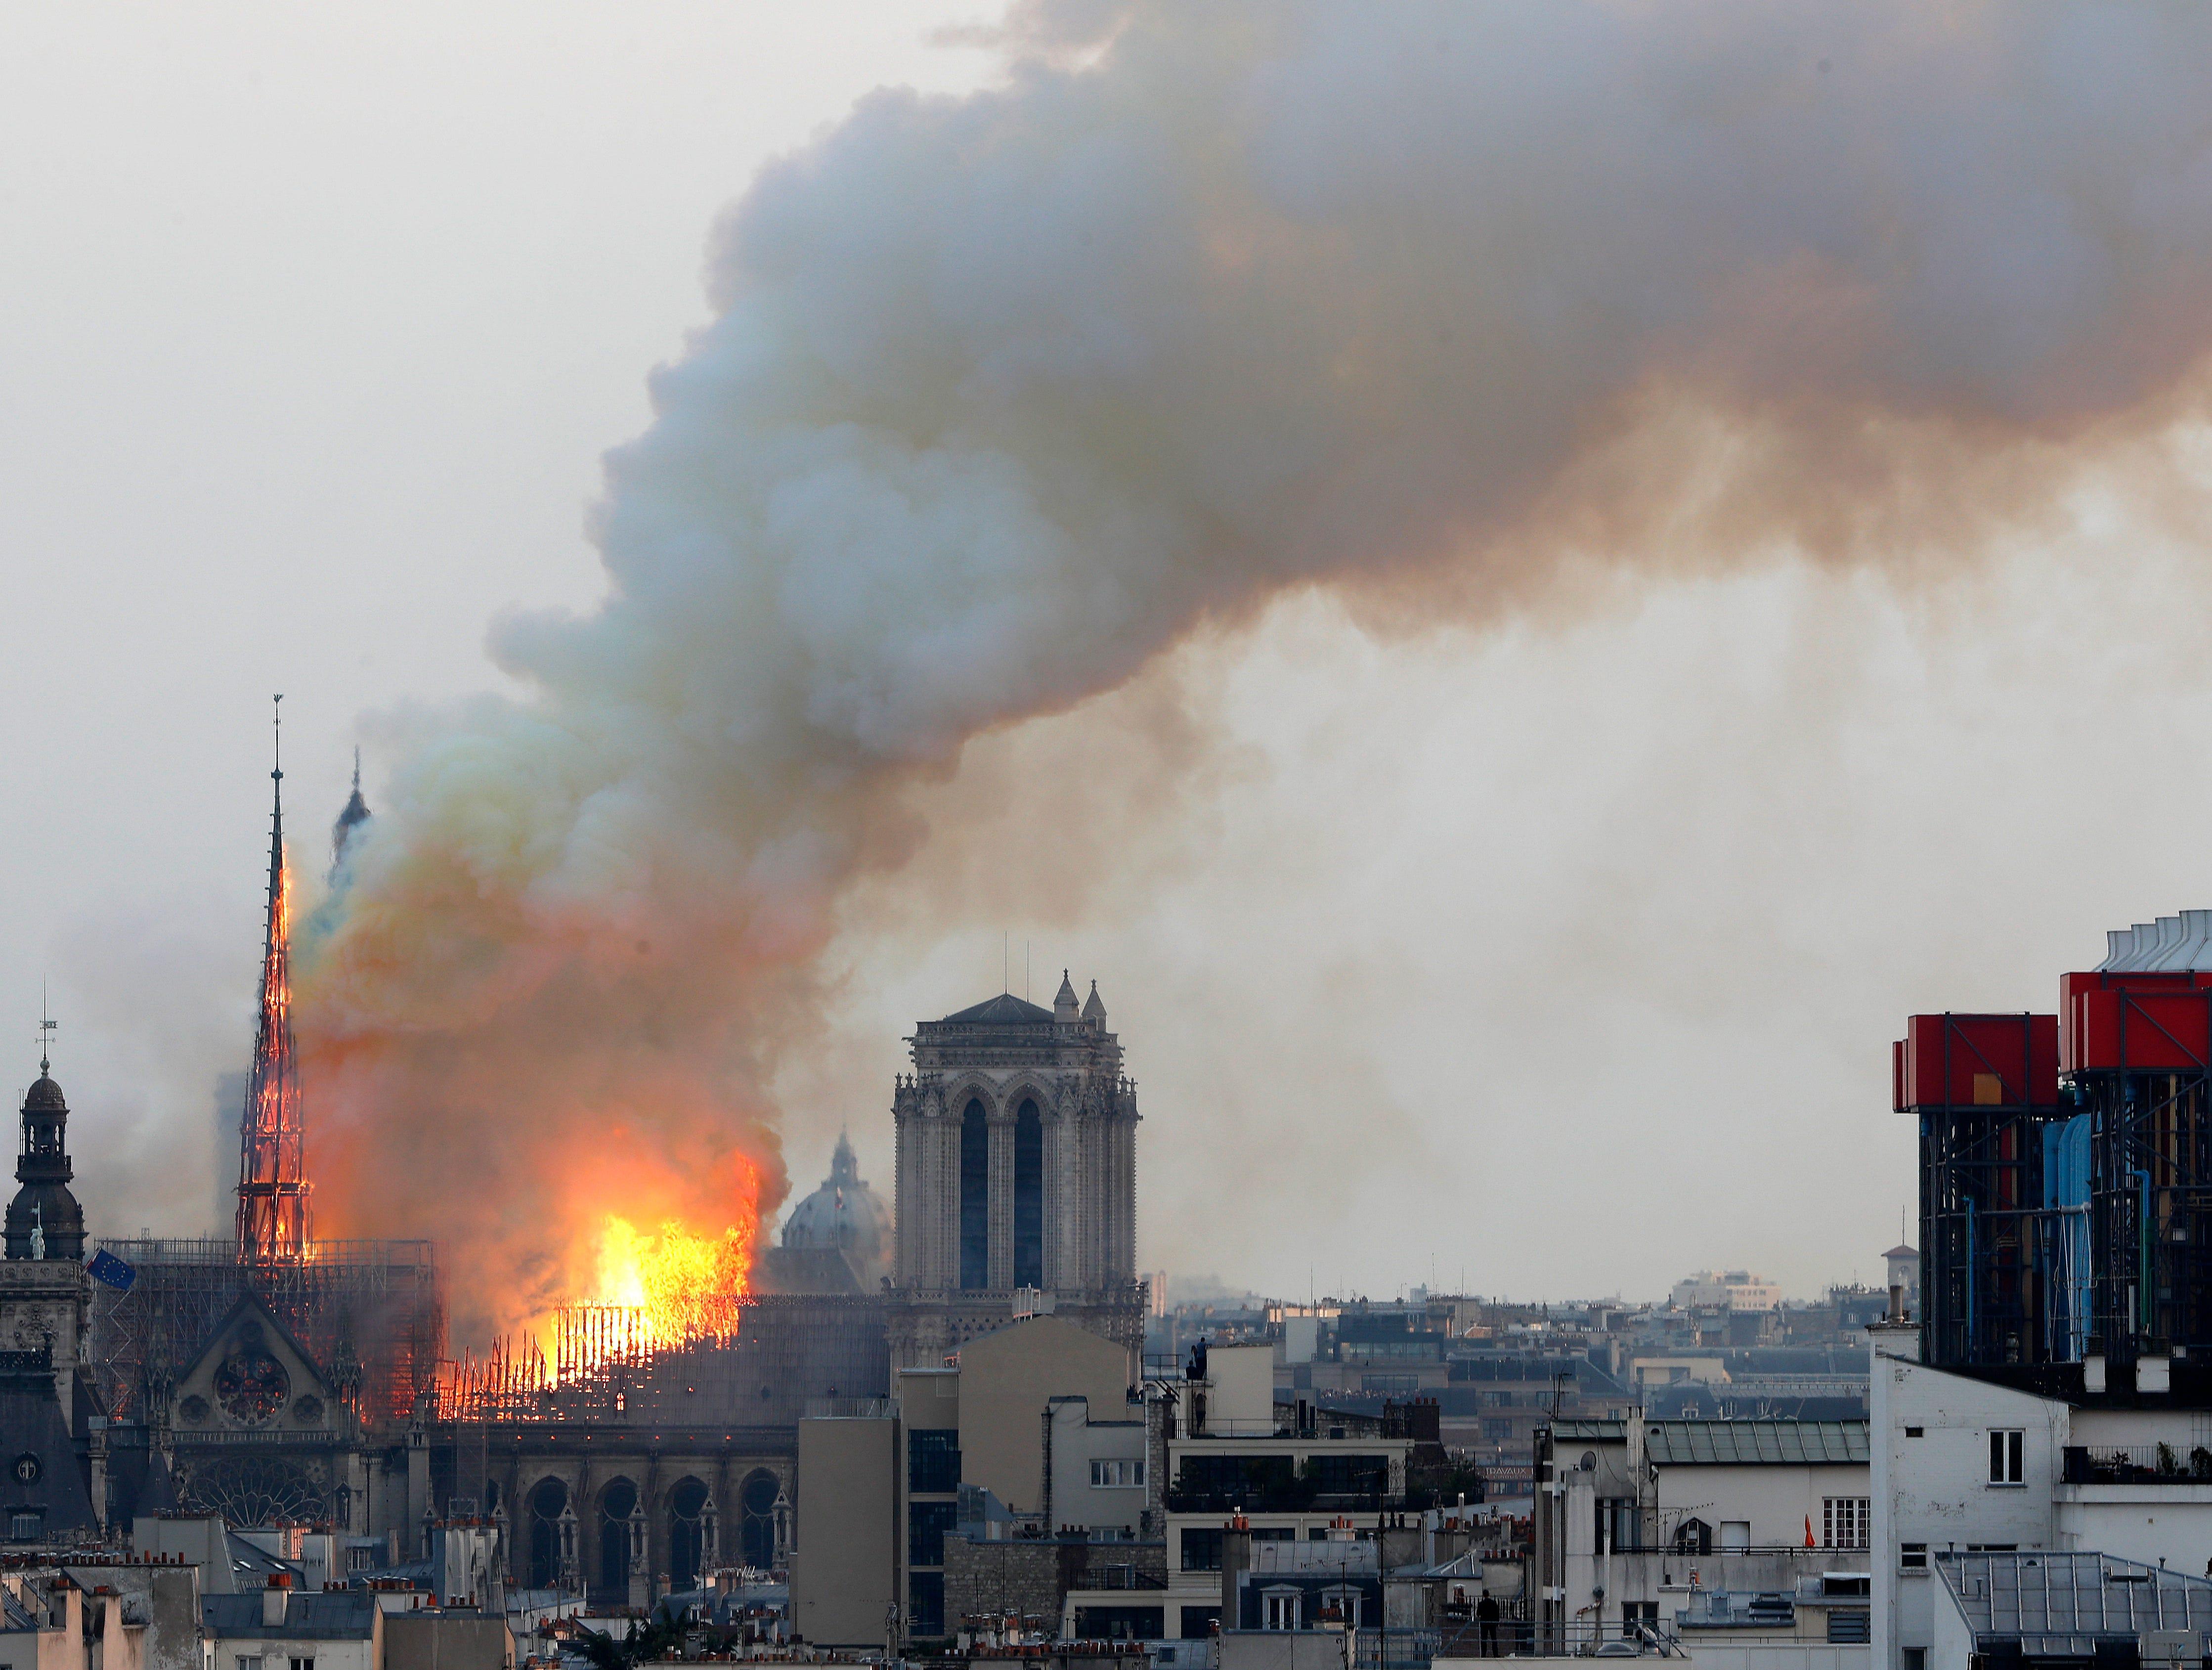 Reporteros de la AP vieron las densas columnas de humo que salían de la catedral, y las capas de ceniza que caían sobre la isla sobre la cual está la iglesia y que marca el centro de París.